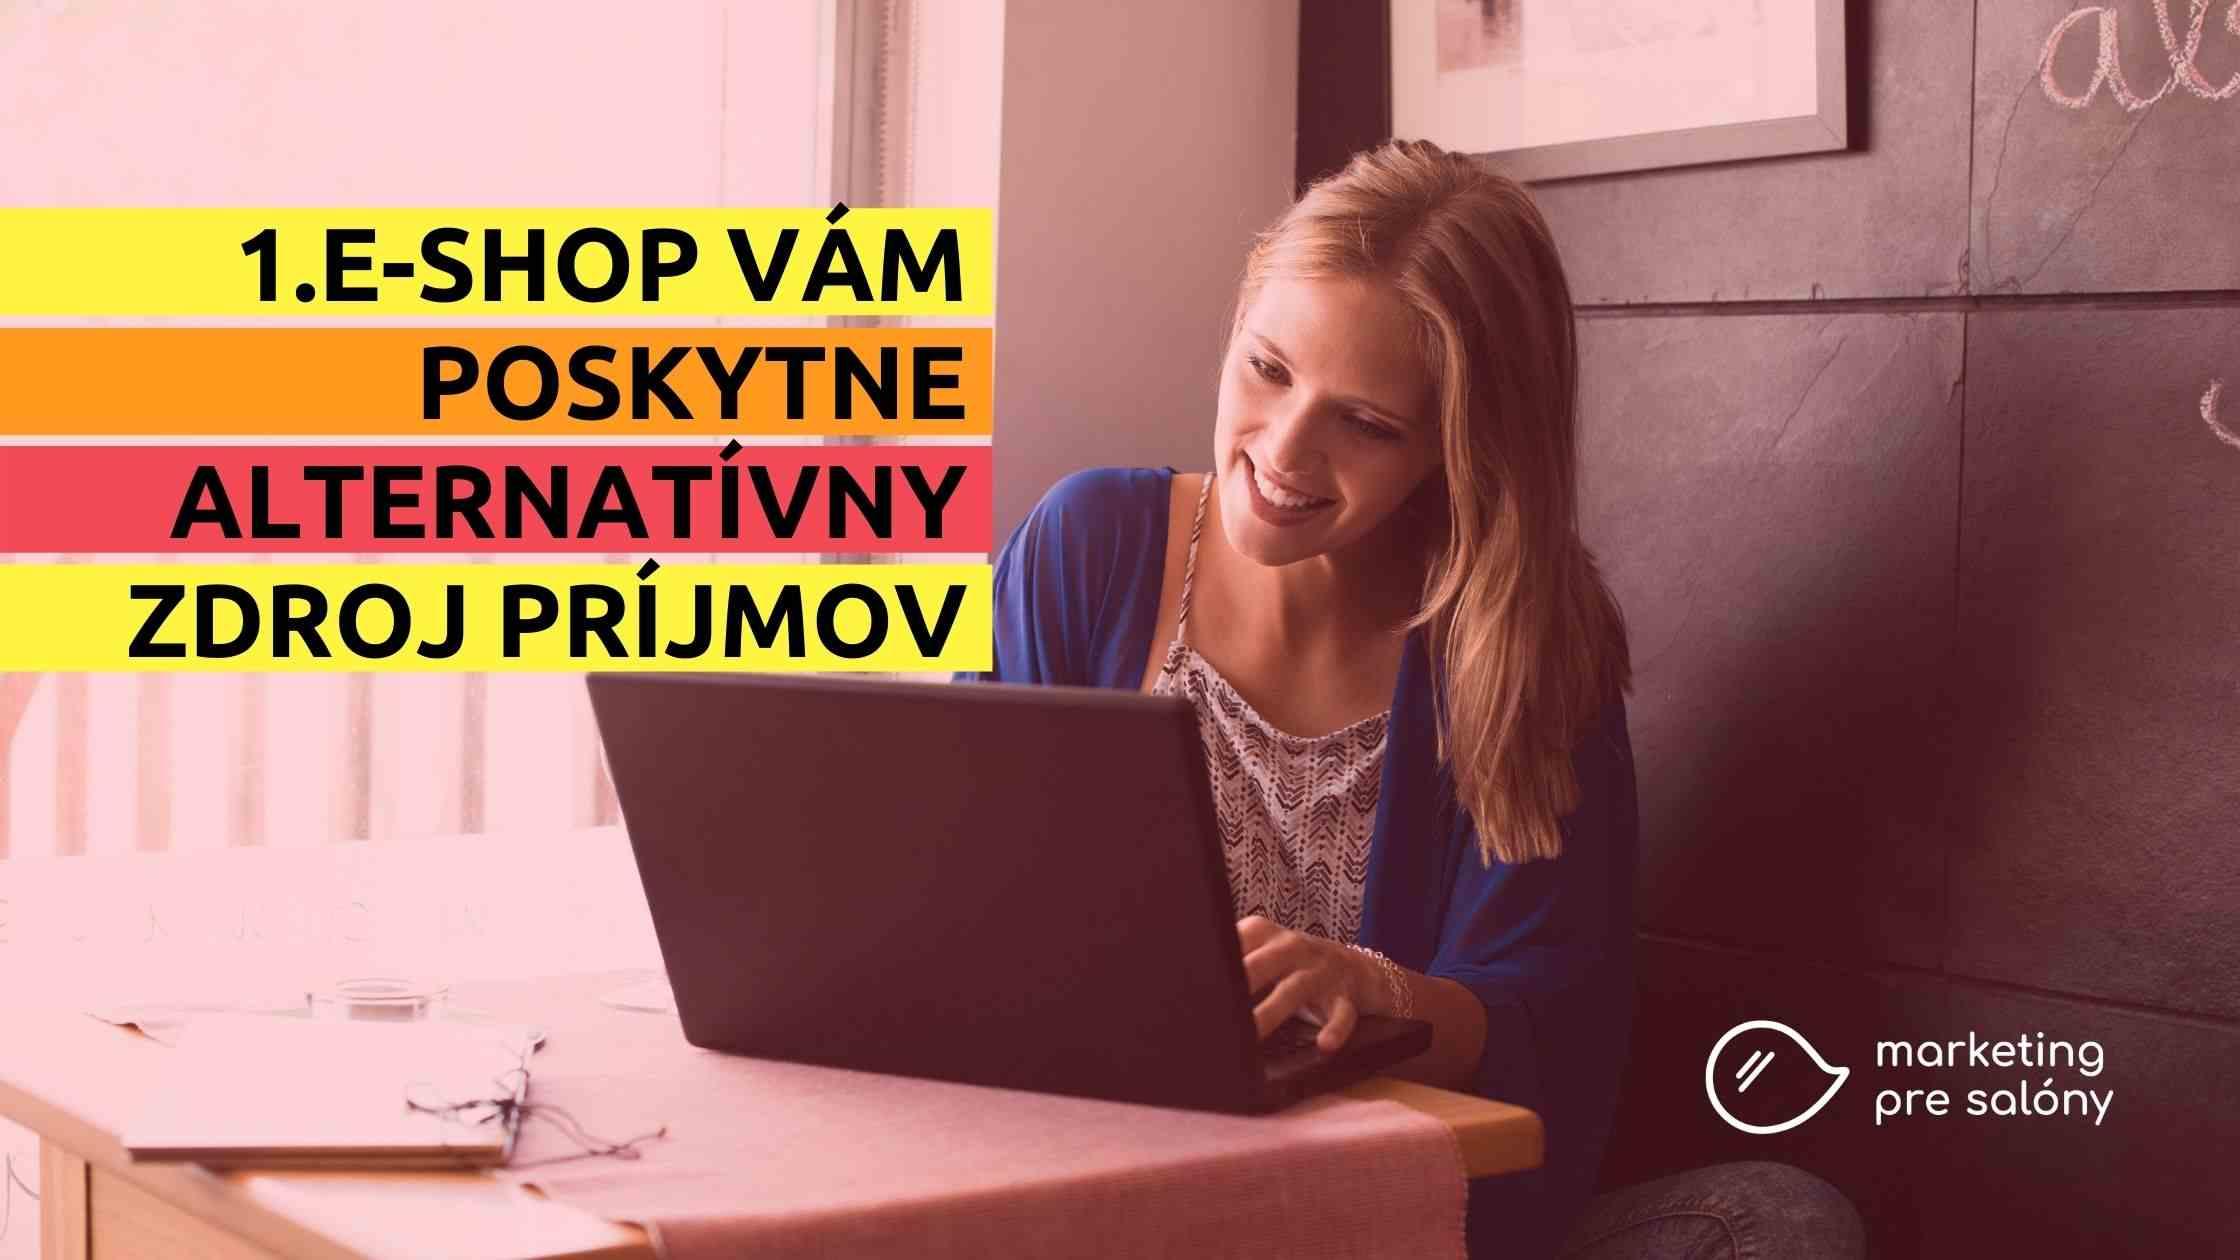 E-shop vám poskytne alternatívny zdroj príjmov, aj keď je váš salón zatvorený